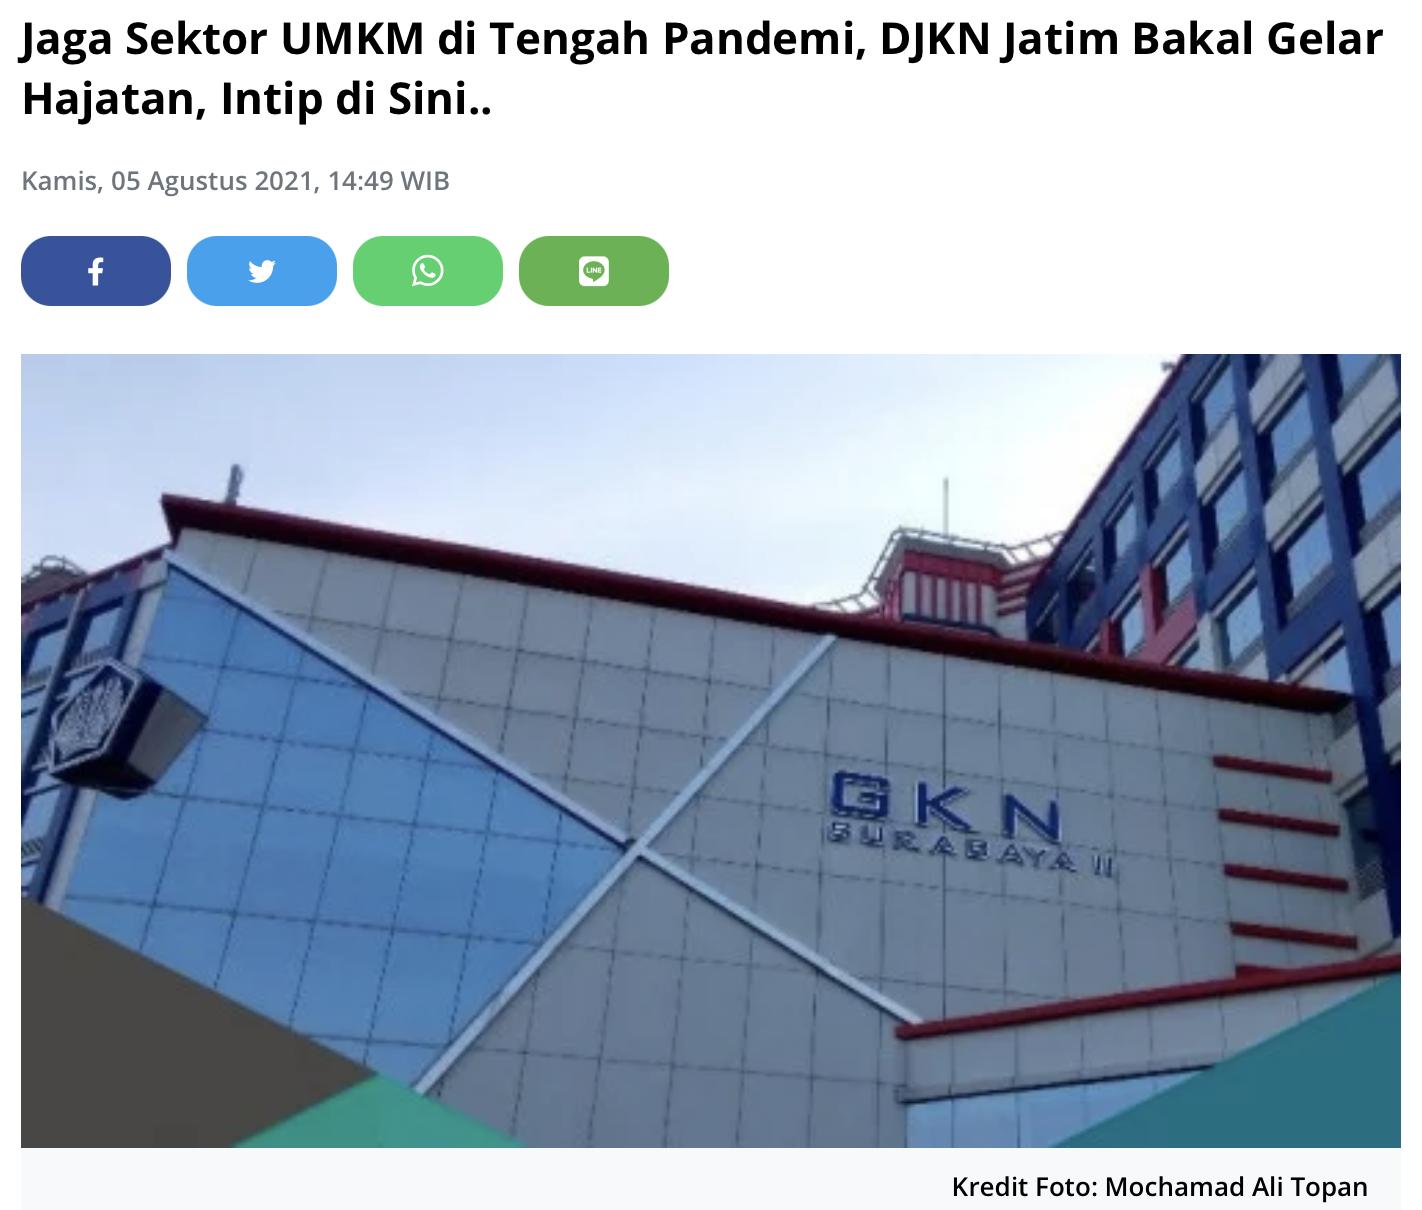 Jaga Sektor UMKM di Tengah Pandemi, DJKN Jatim Bakal Gelar Hajatan, Intip di Sini..